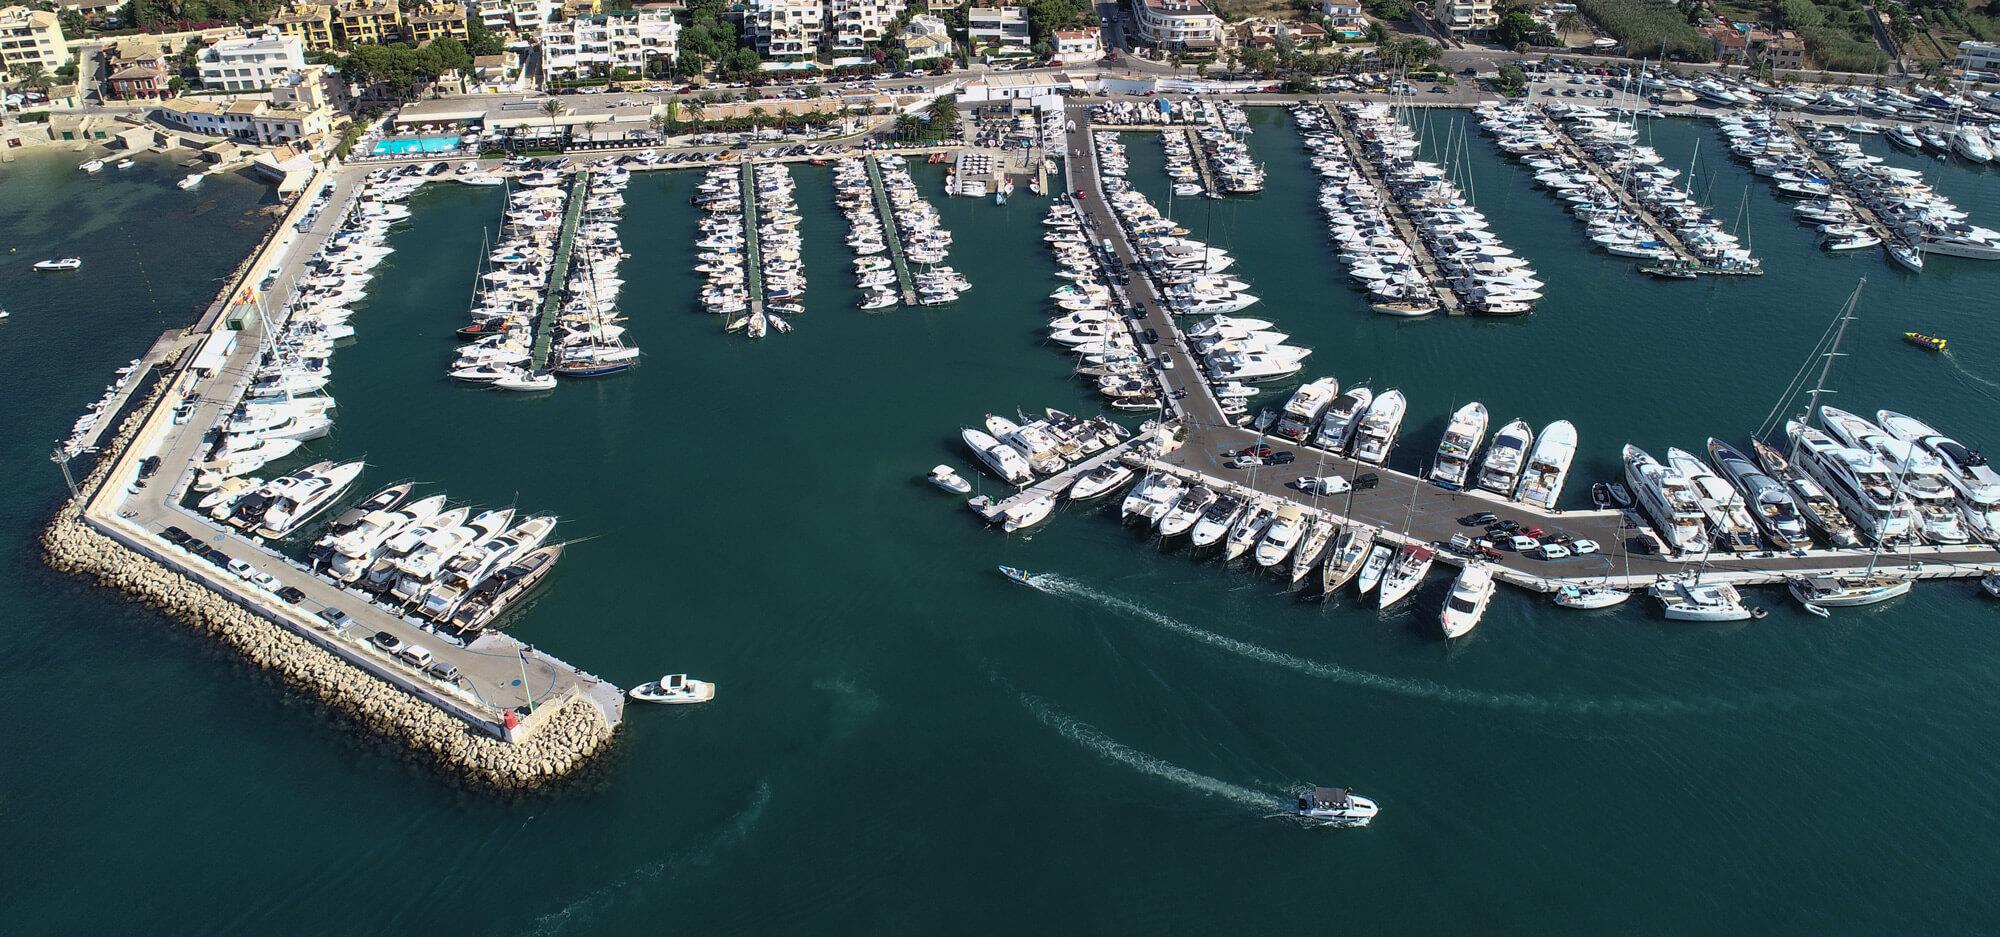 Club de Vela Puerto Andratx desde el aire